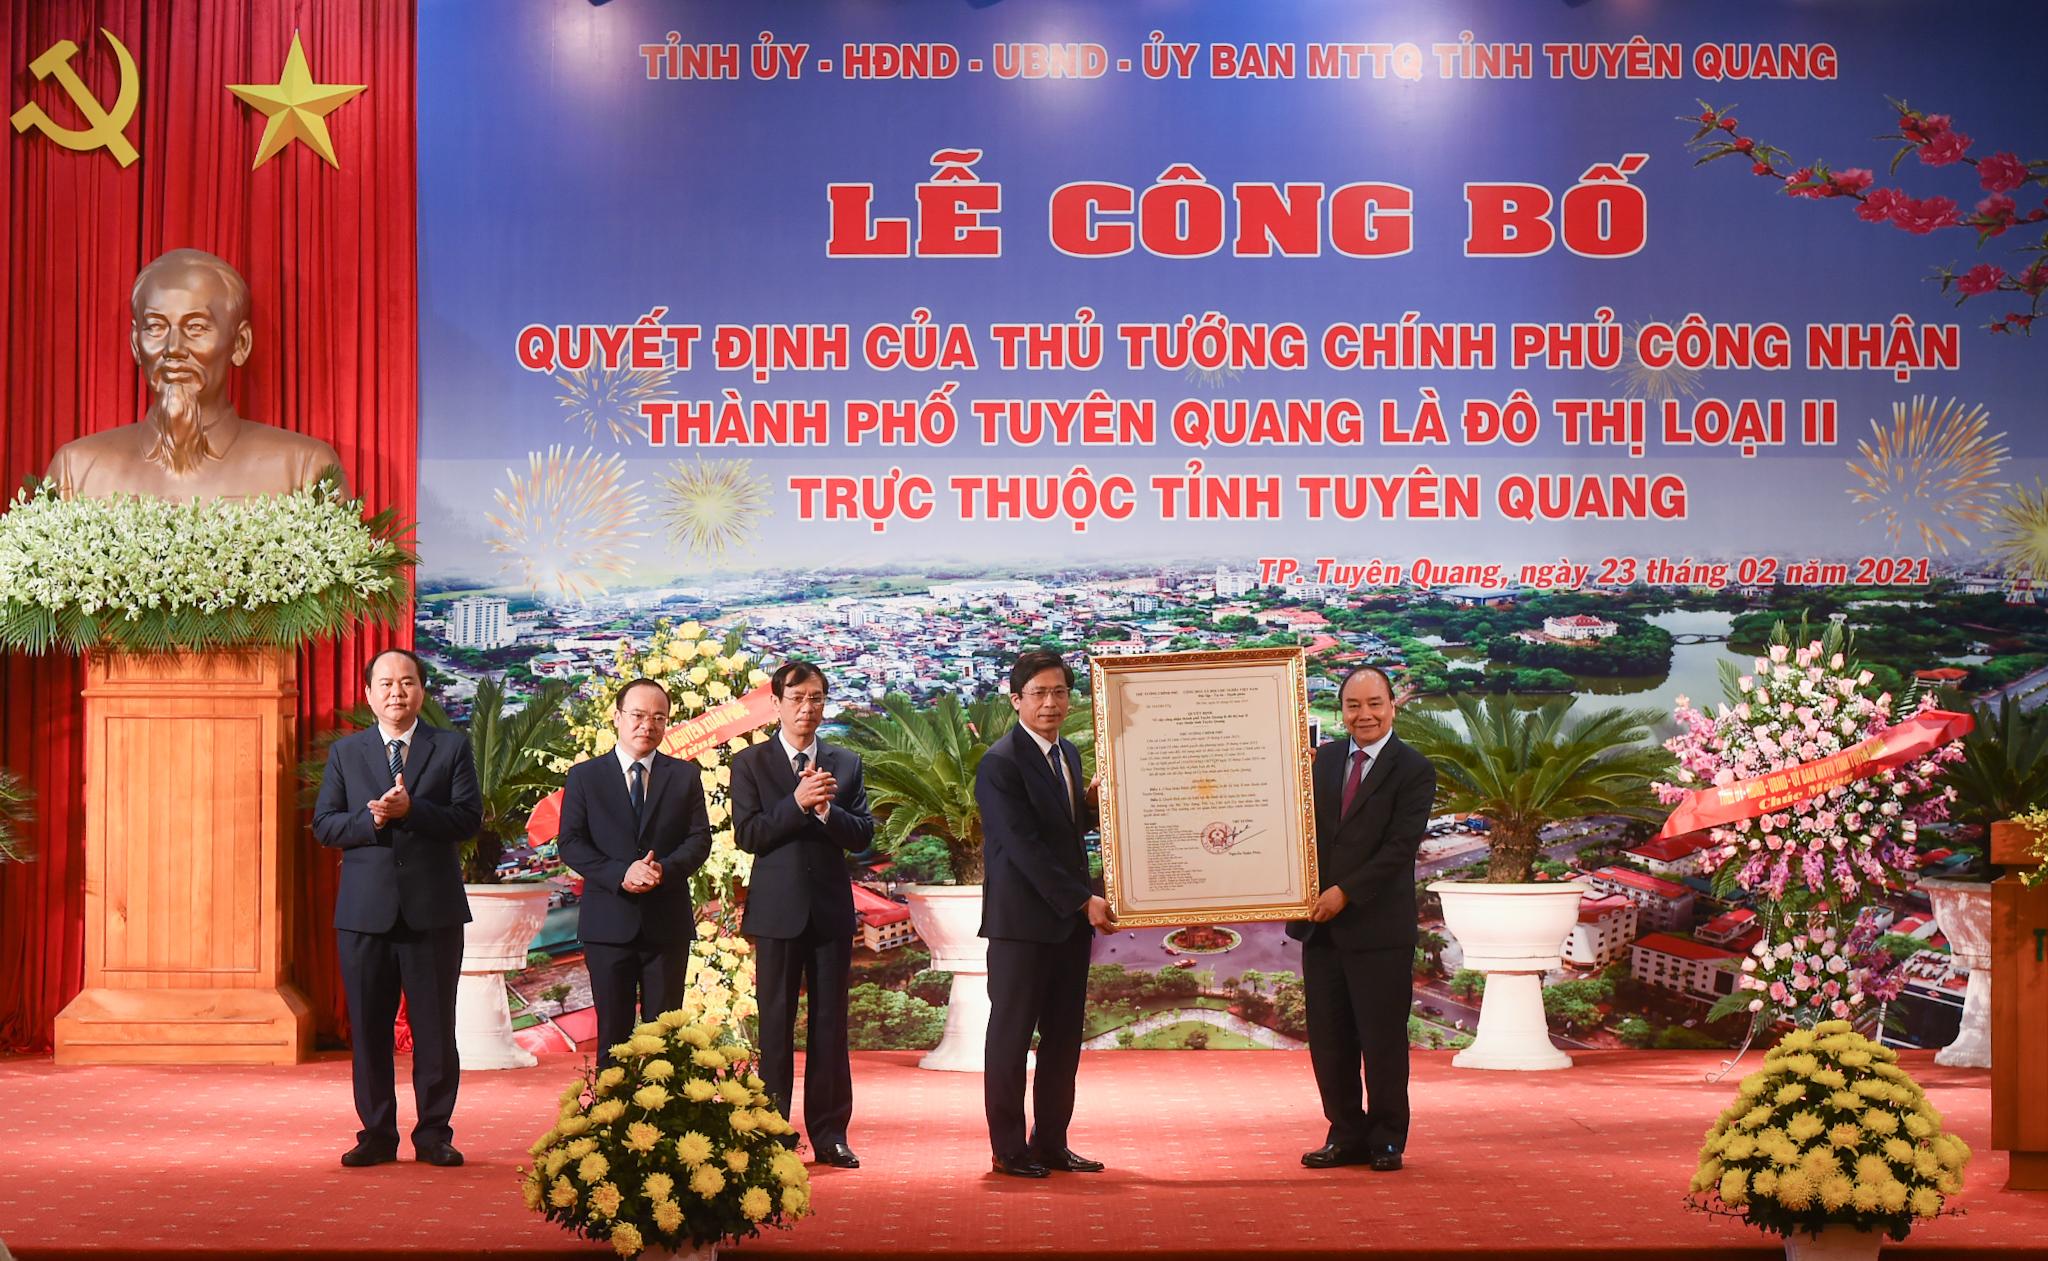 Thủ tướng trao Quyết định công nhận thành phố Tuyên Quang là đô thị loại II trực thuộc tỉnh Tuyên Quang. Ảnh VGP/Quang Hiếu